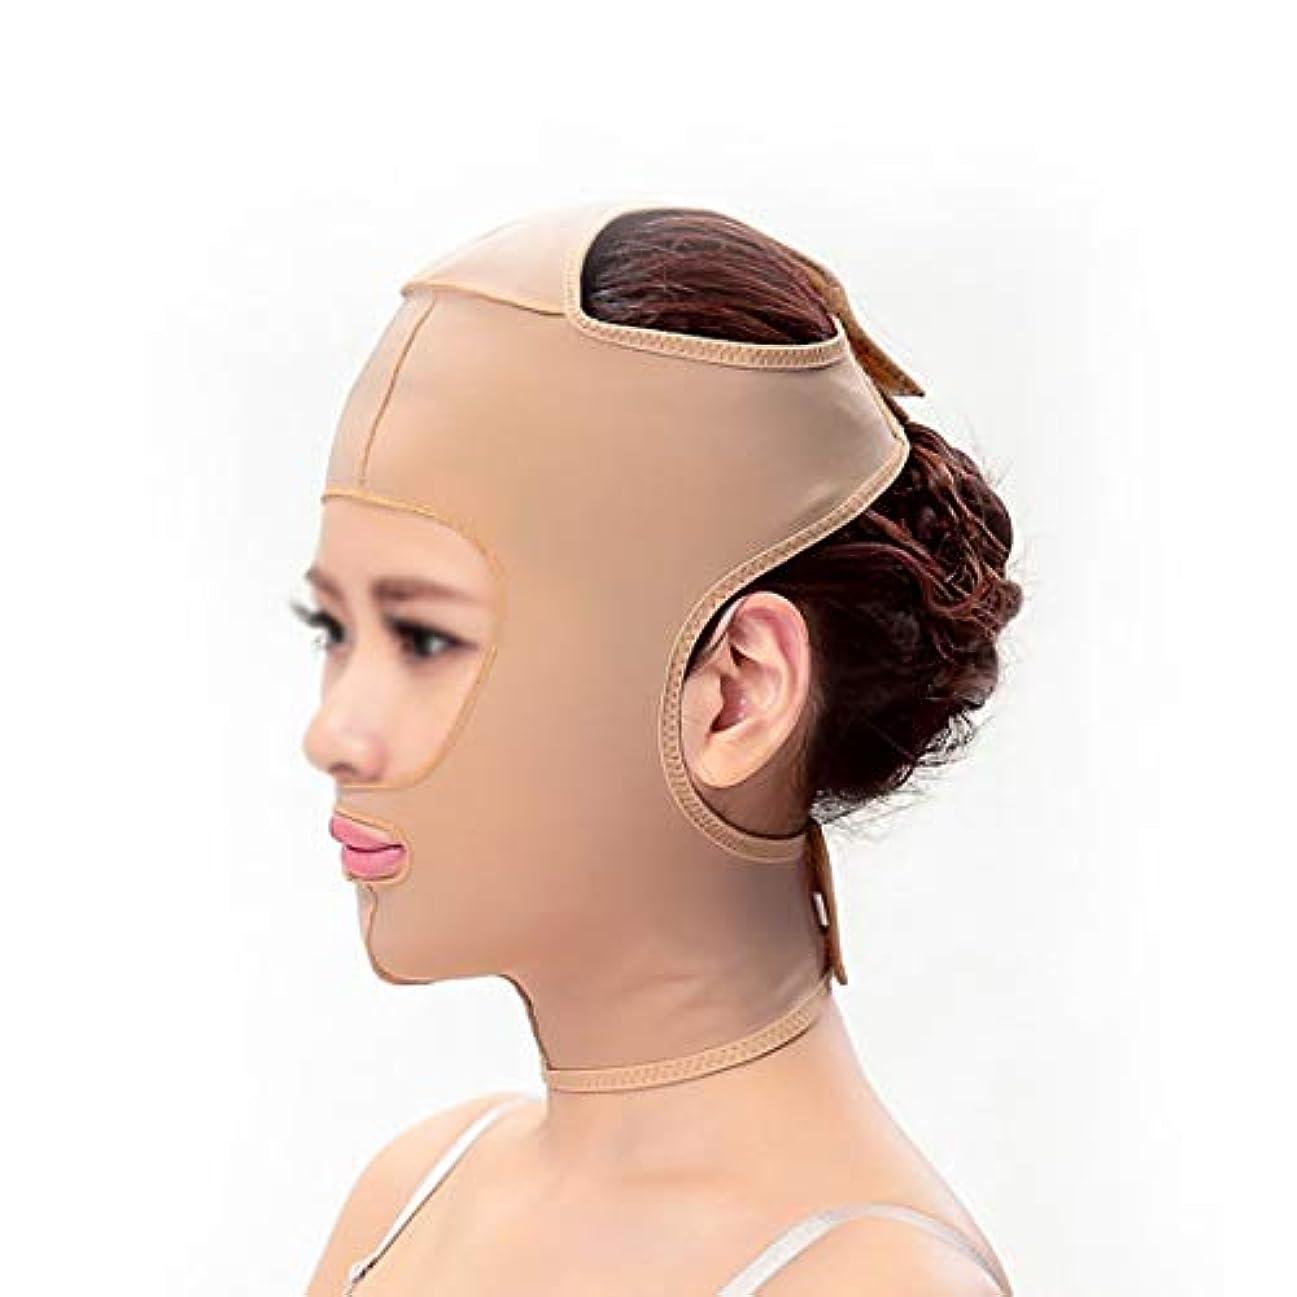 請願者堂々たる光のLJK 痩身ベルト、フェイシャルマスク薄いフェイスマスクを脇に持ち上げる二重あご引き締め顔面プラスチックフェイスアーティファクト強力なフェイス包帯 (Size : M)